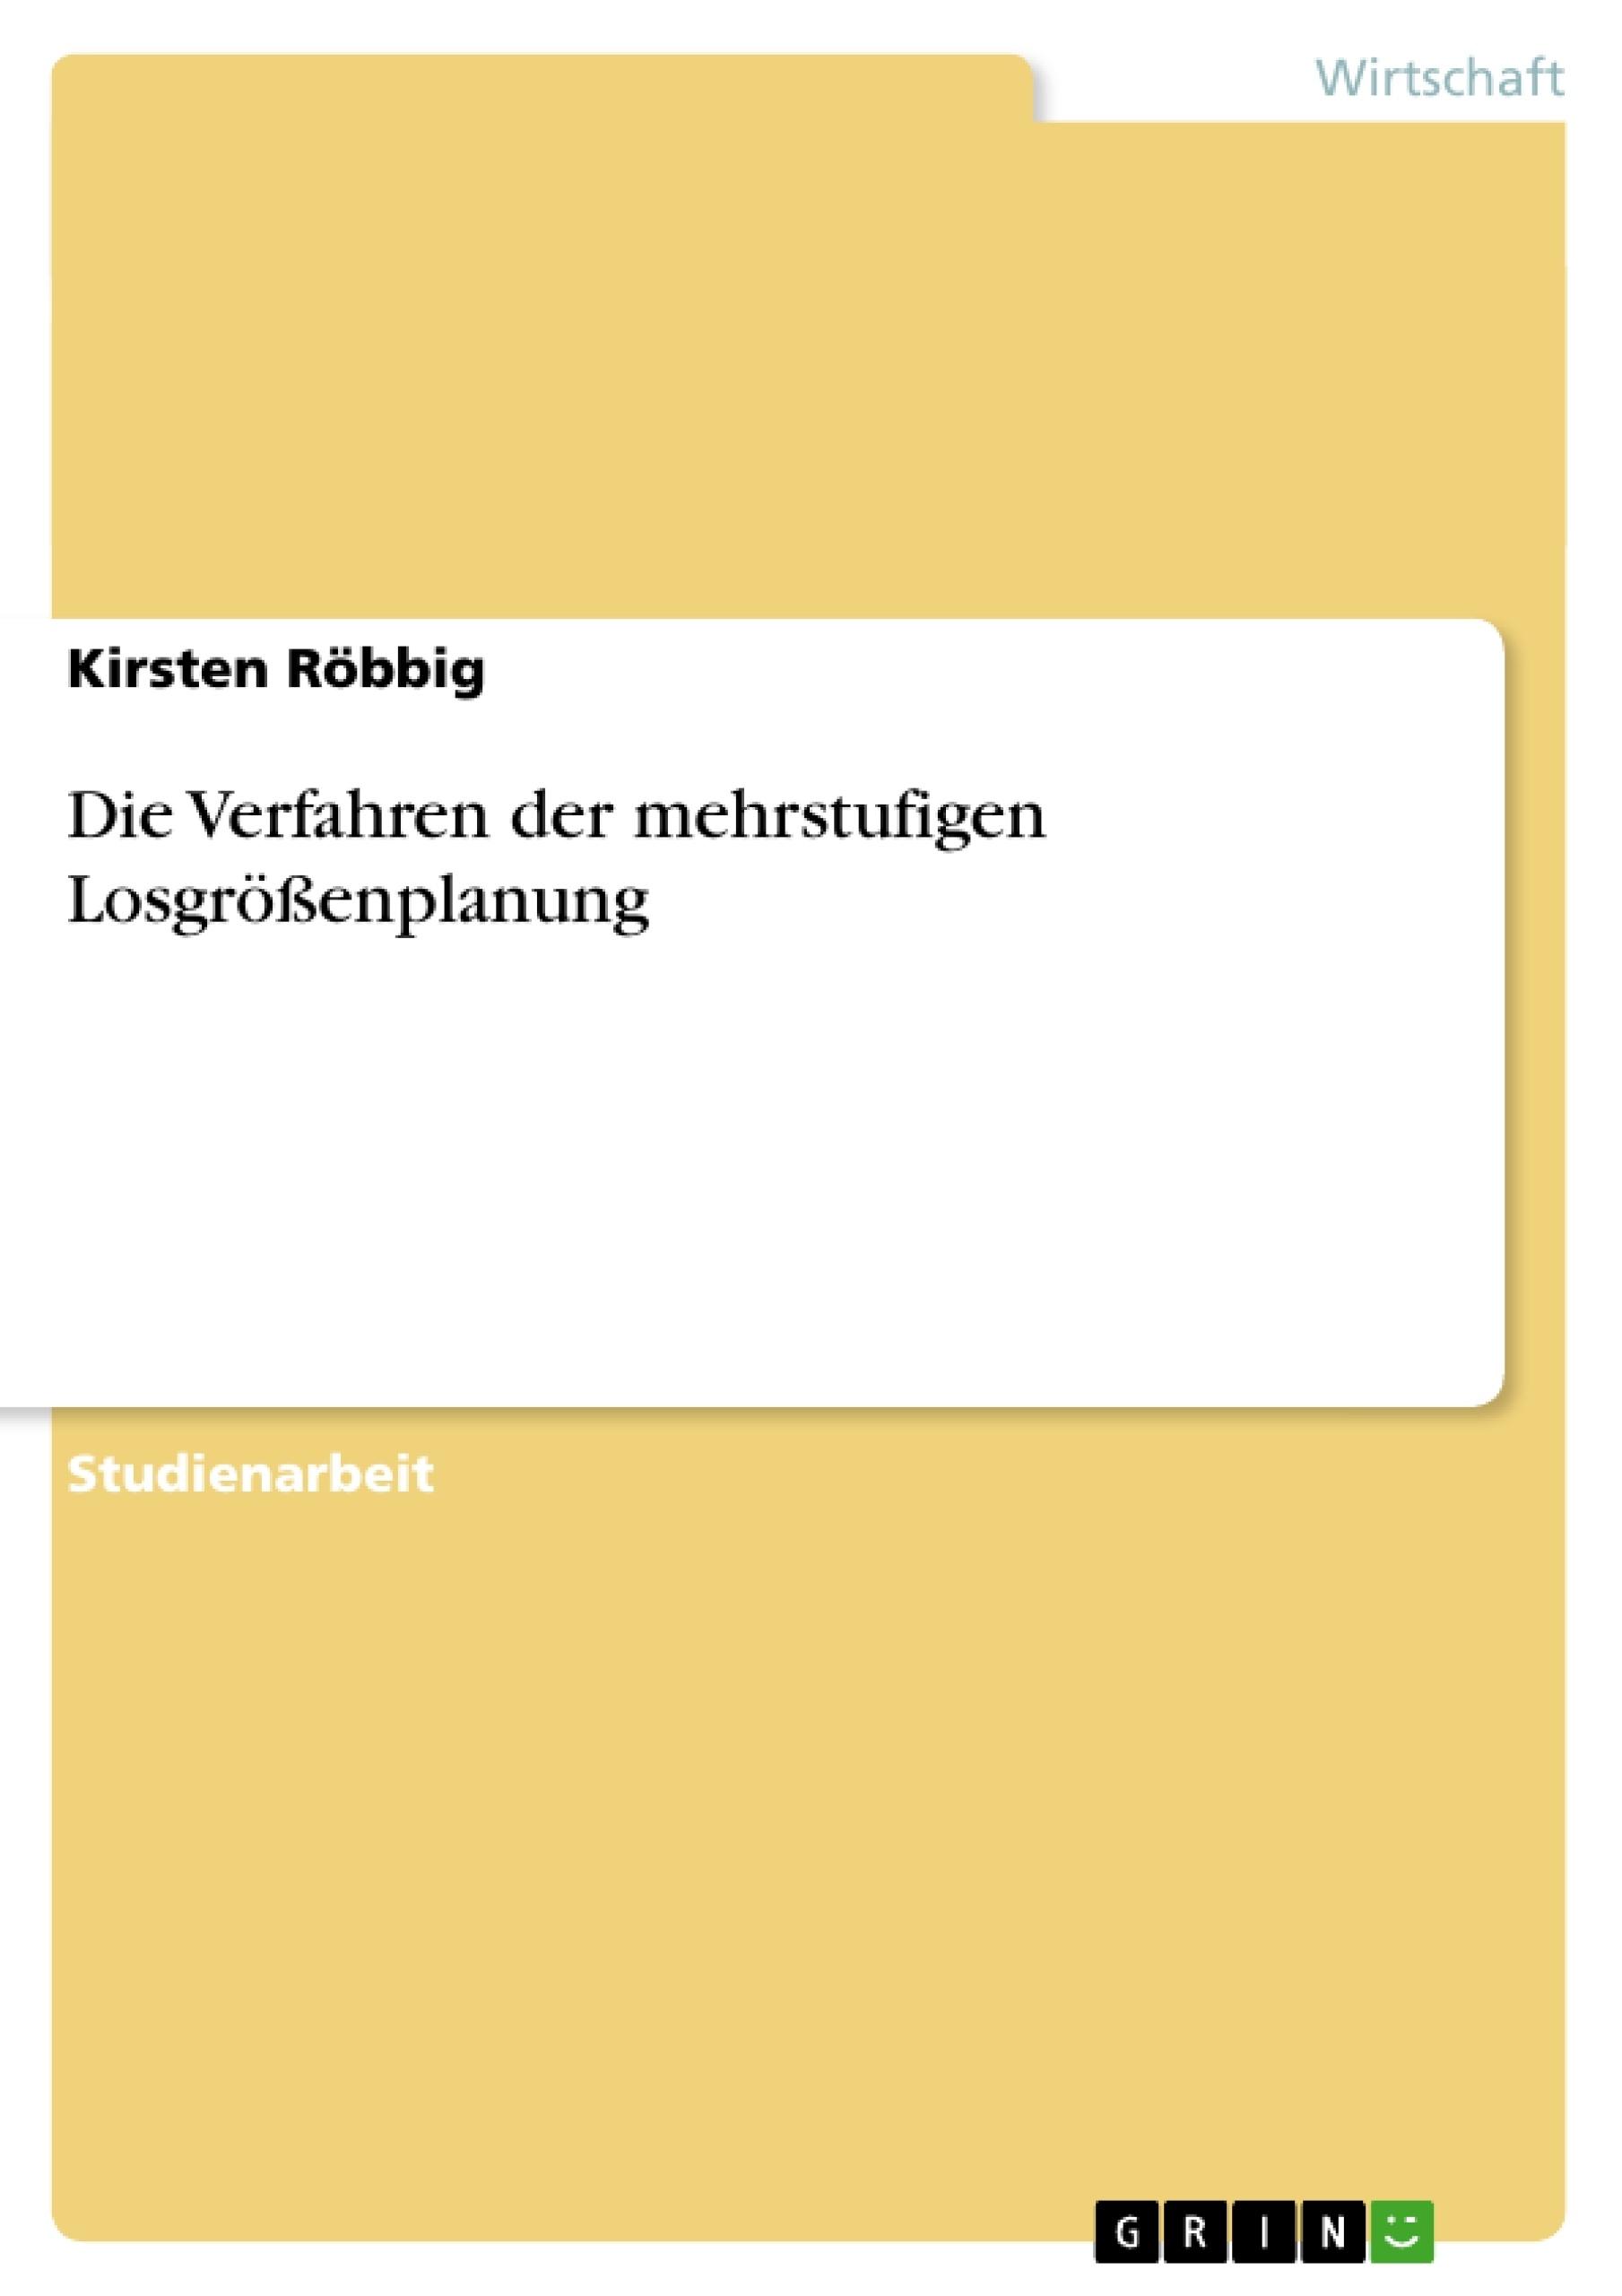 Titel: Die Verfahren der mehrstufigen Losgrößenplanung